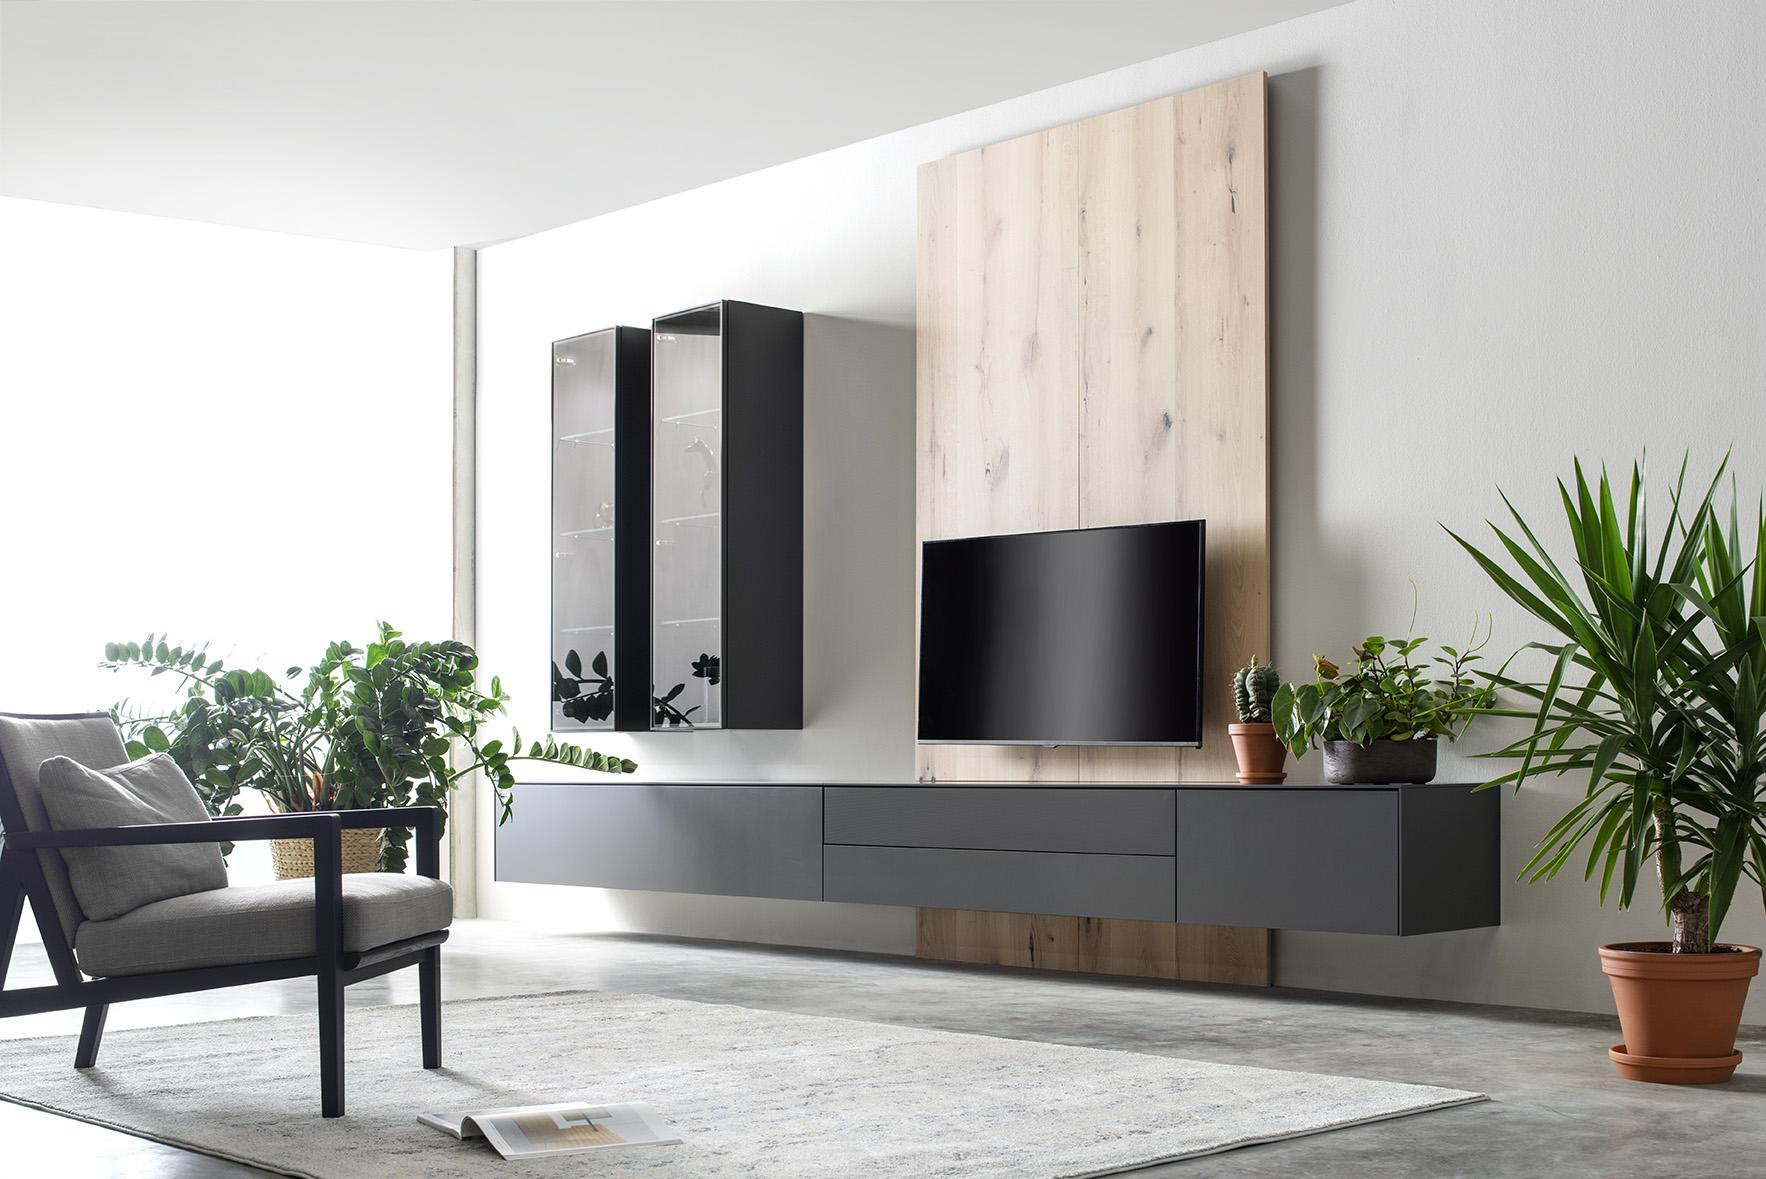 Wohnwand Medienmöbel Soundmöbel Wandpaneele grau TV-Wand Eiche Vitrinen hängend Sudbrock